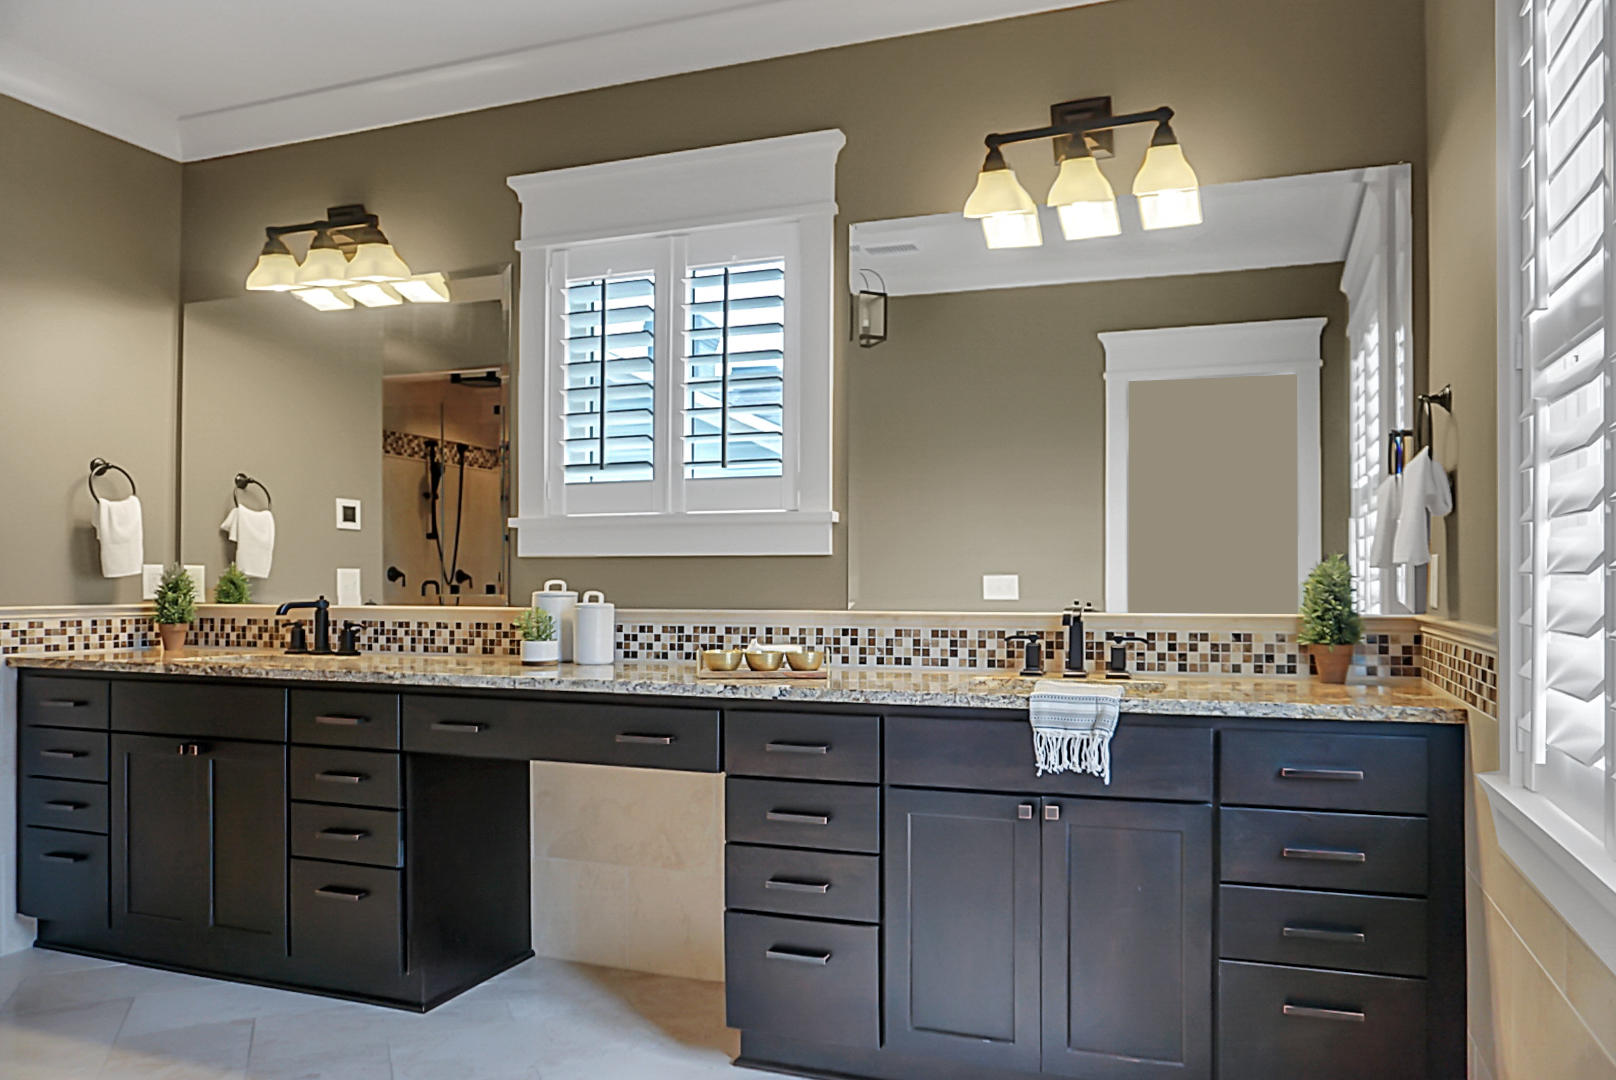 Dunes West Homes For Sale - 2978 River Vista, Mount Pleasant, SC - 98